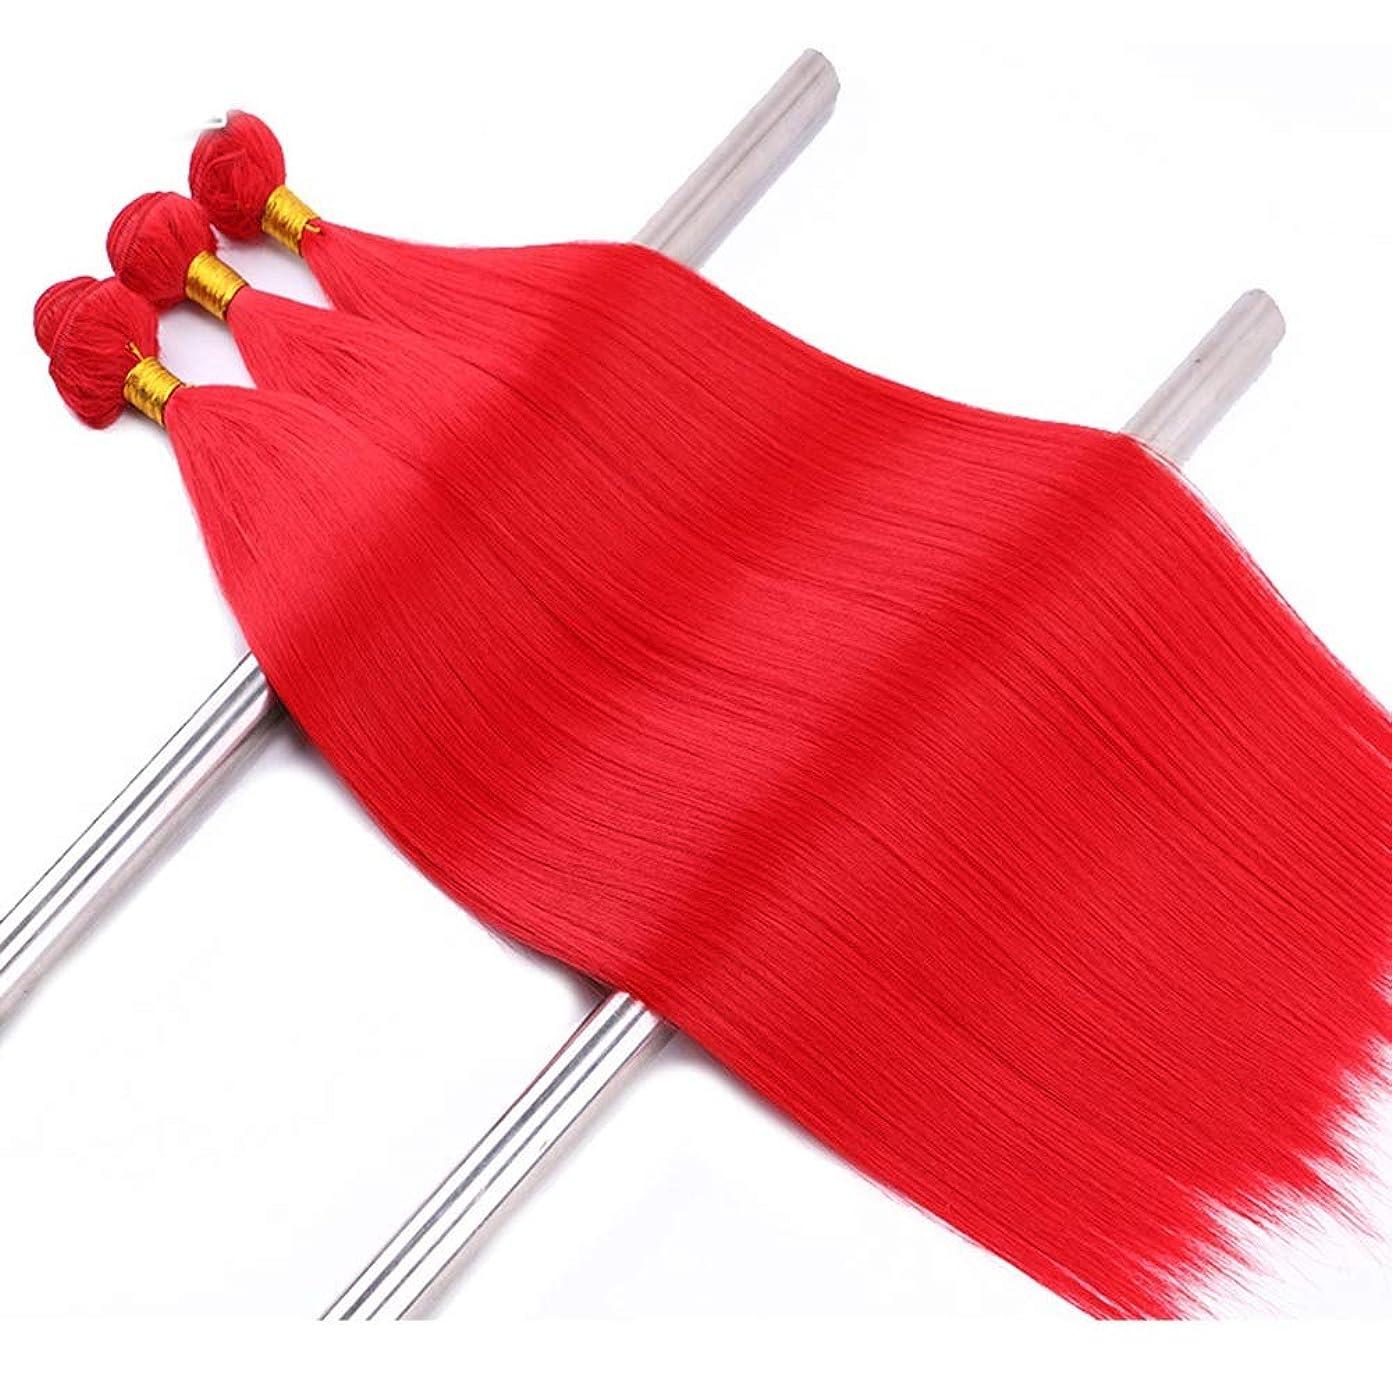 ステレオ治世ありがたいYESONEEP レディース赤ストレートヘアカーテン耐熱繊維人工毛ウィッグウィッグ(3束)パーティーウィッグ (Color : Blonde, サイズ : 24inch)